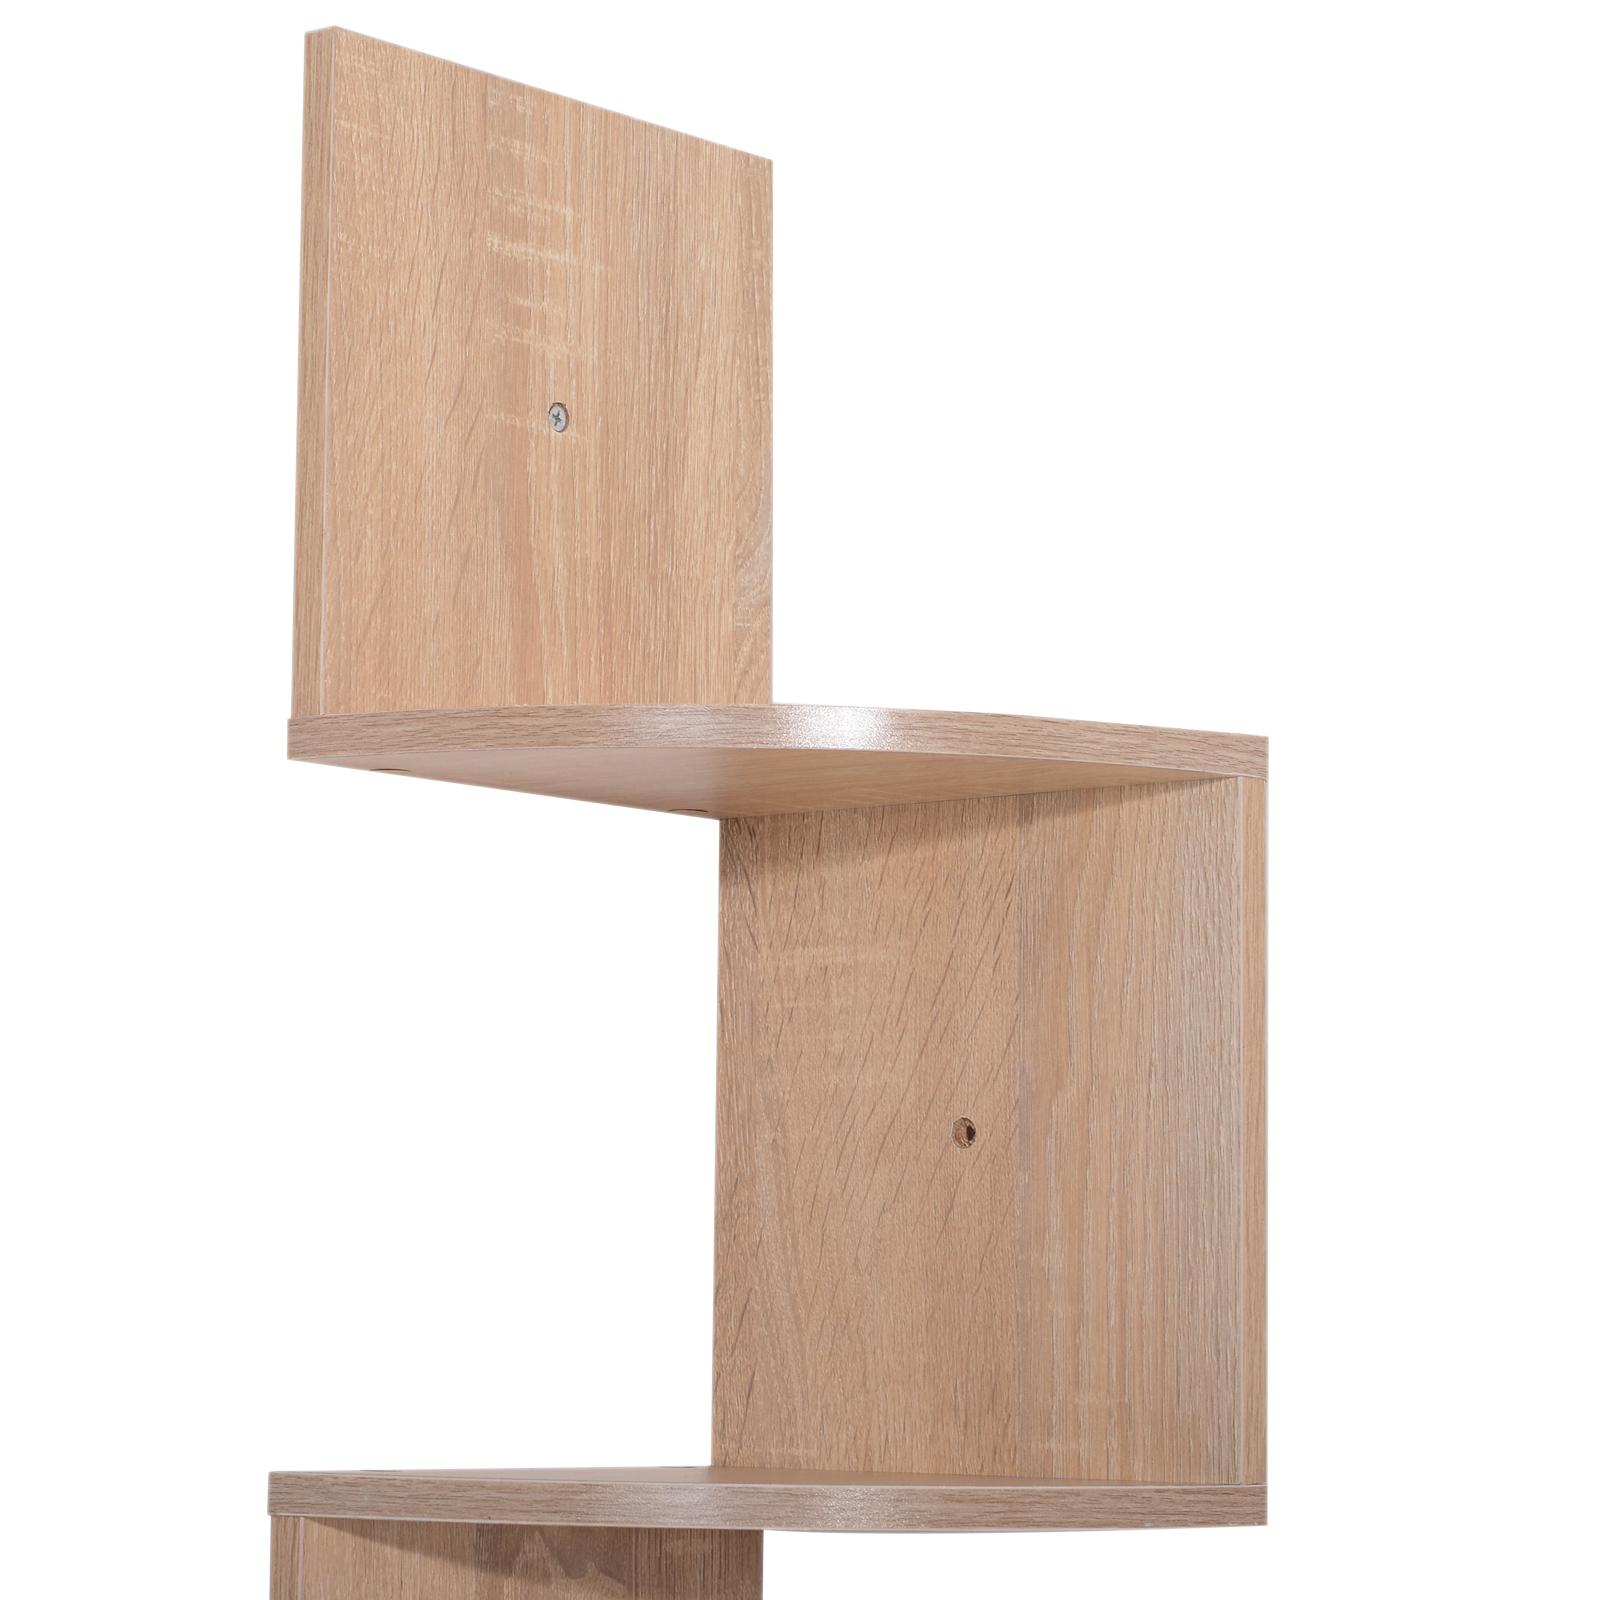 Etagere-d-Angle-Etagere-Murale-Zigzag-5-Niveaux-20-x-20-x-126-cm miniature 19